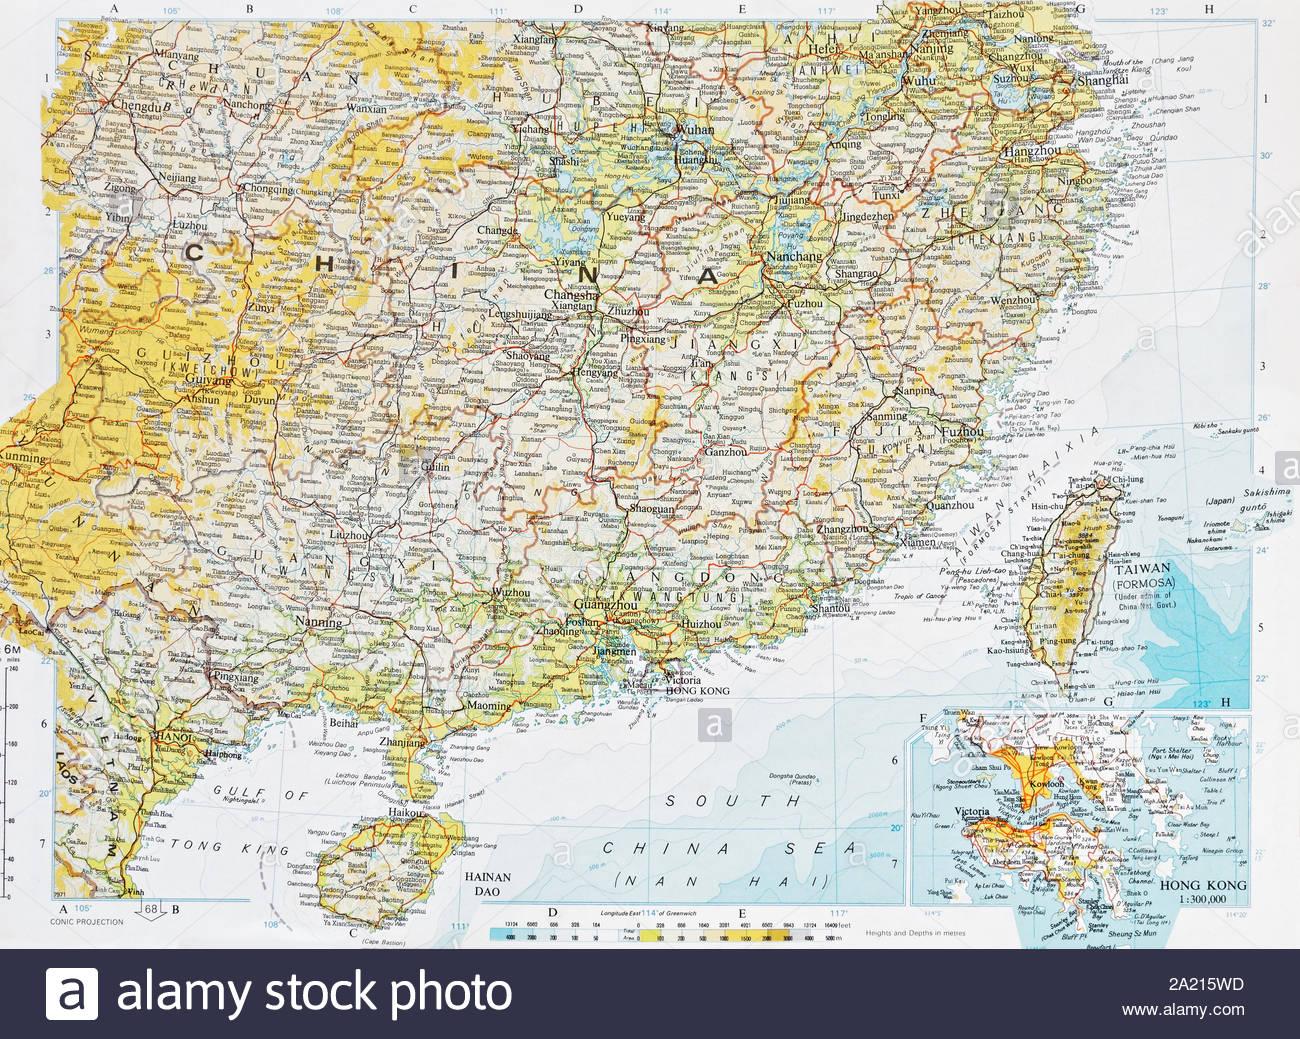 Historical Map Of South China Sea Hong Kong And Taiwan